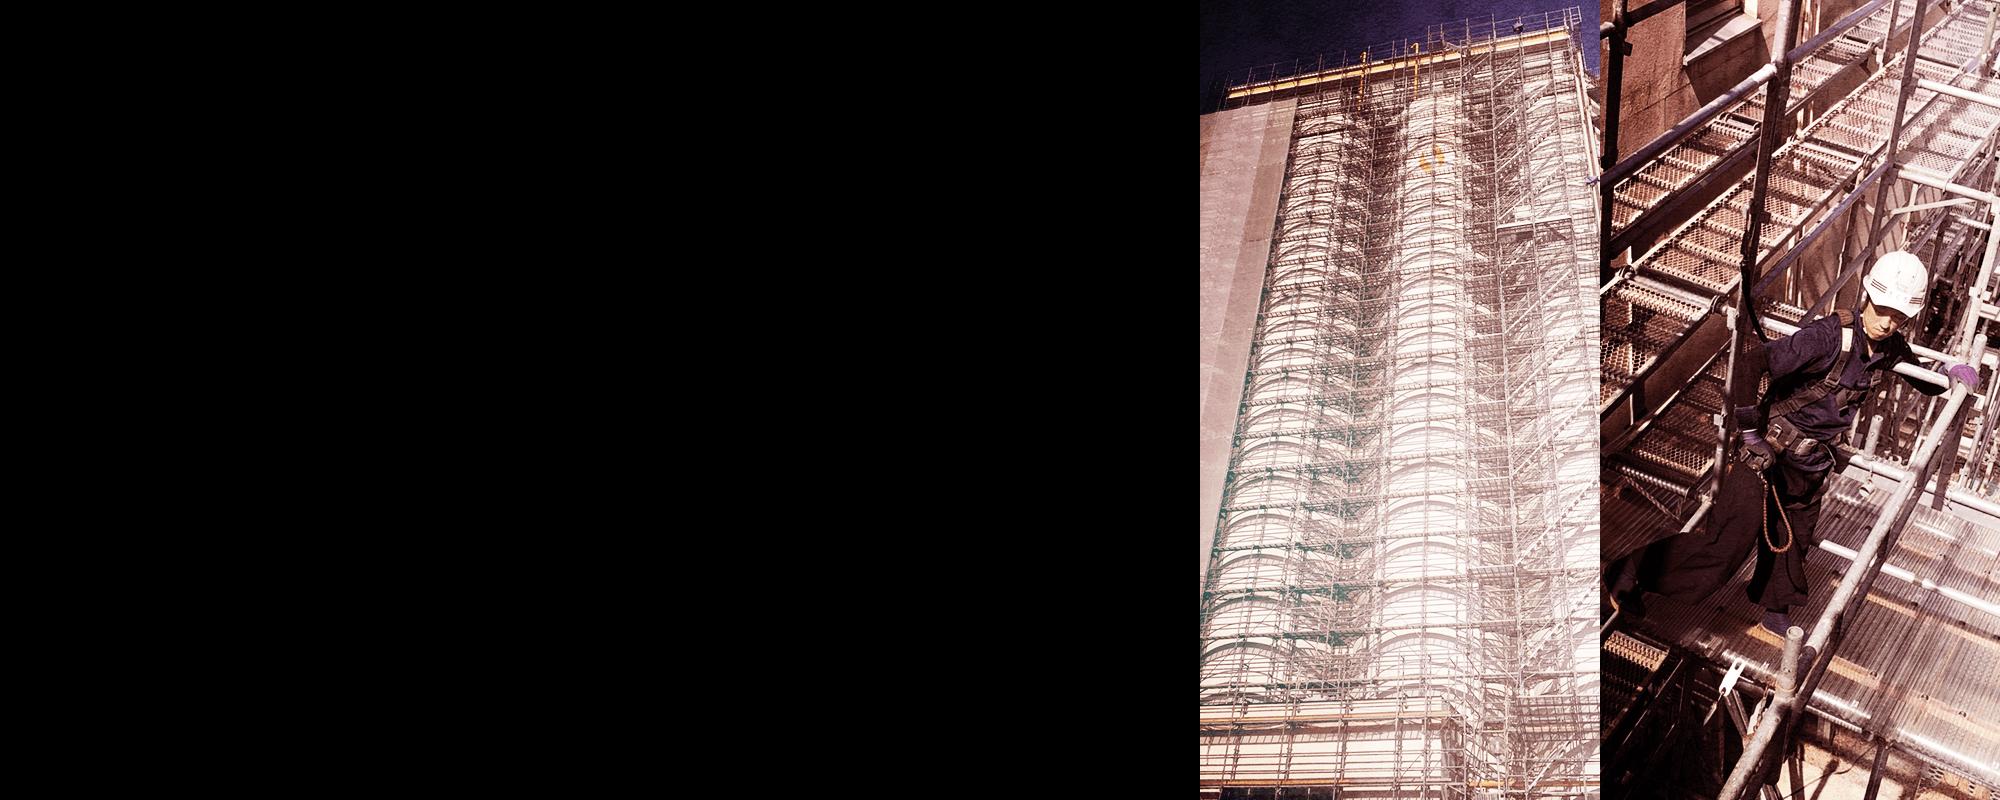 slide01-02